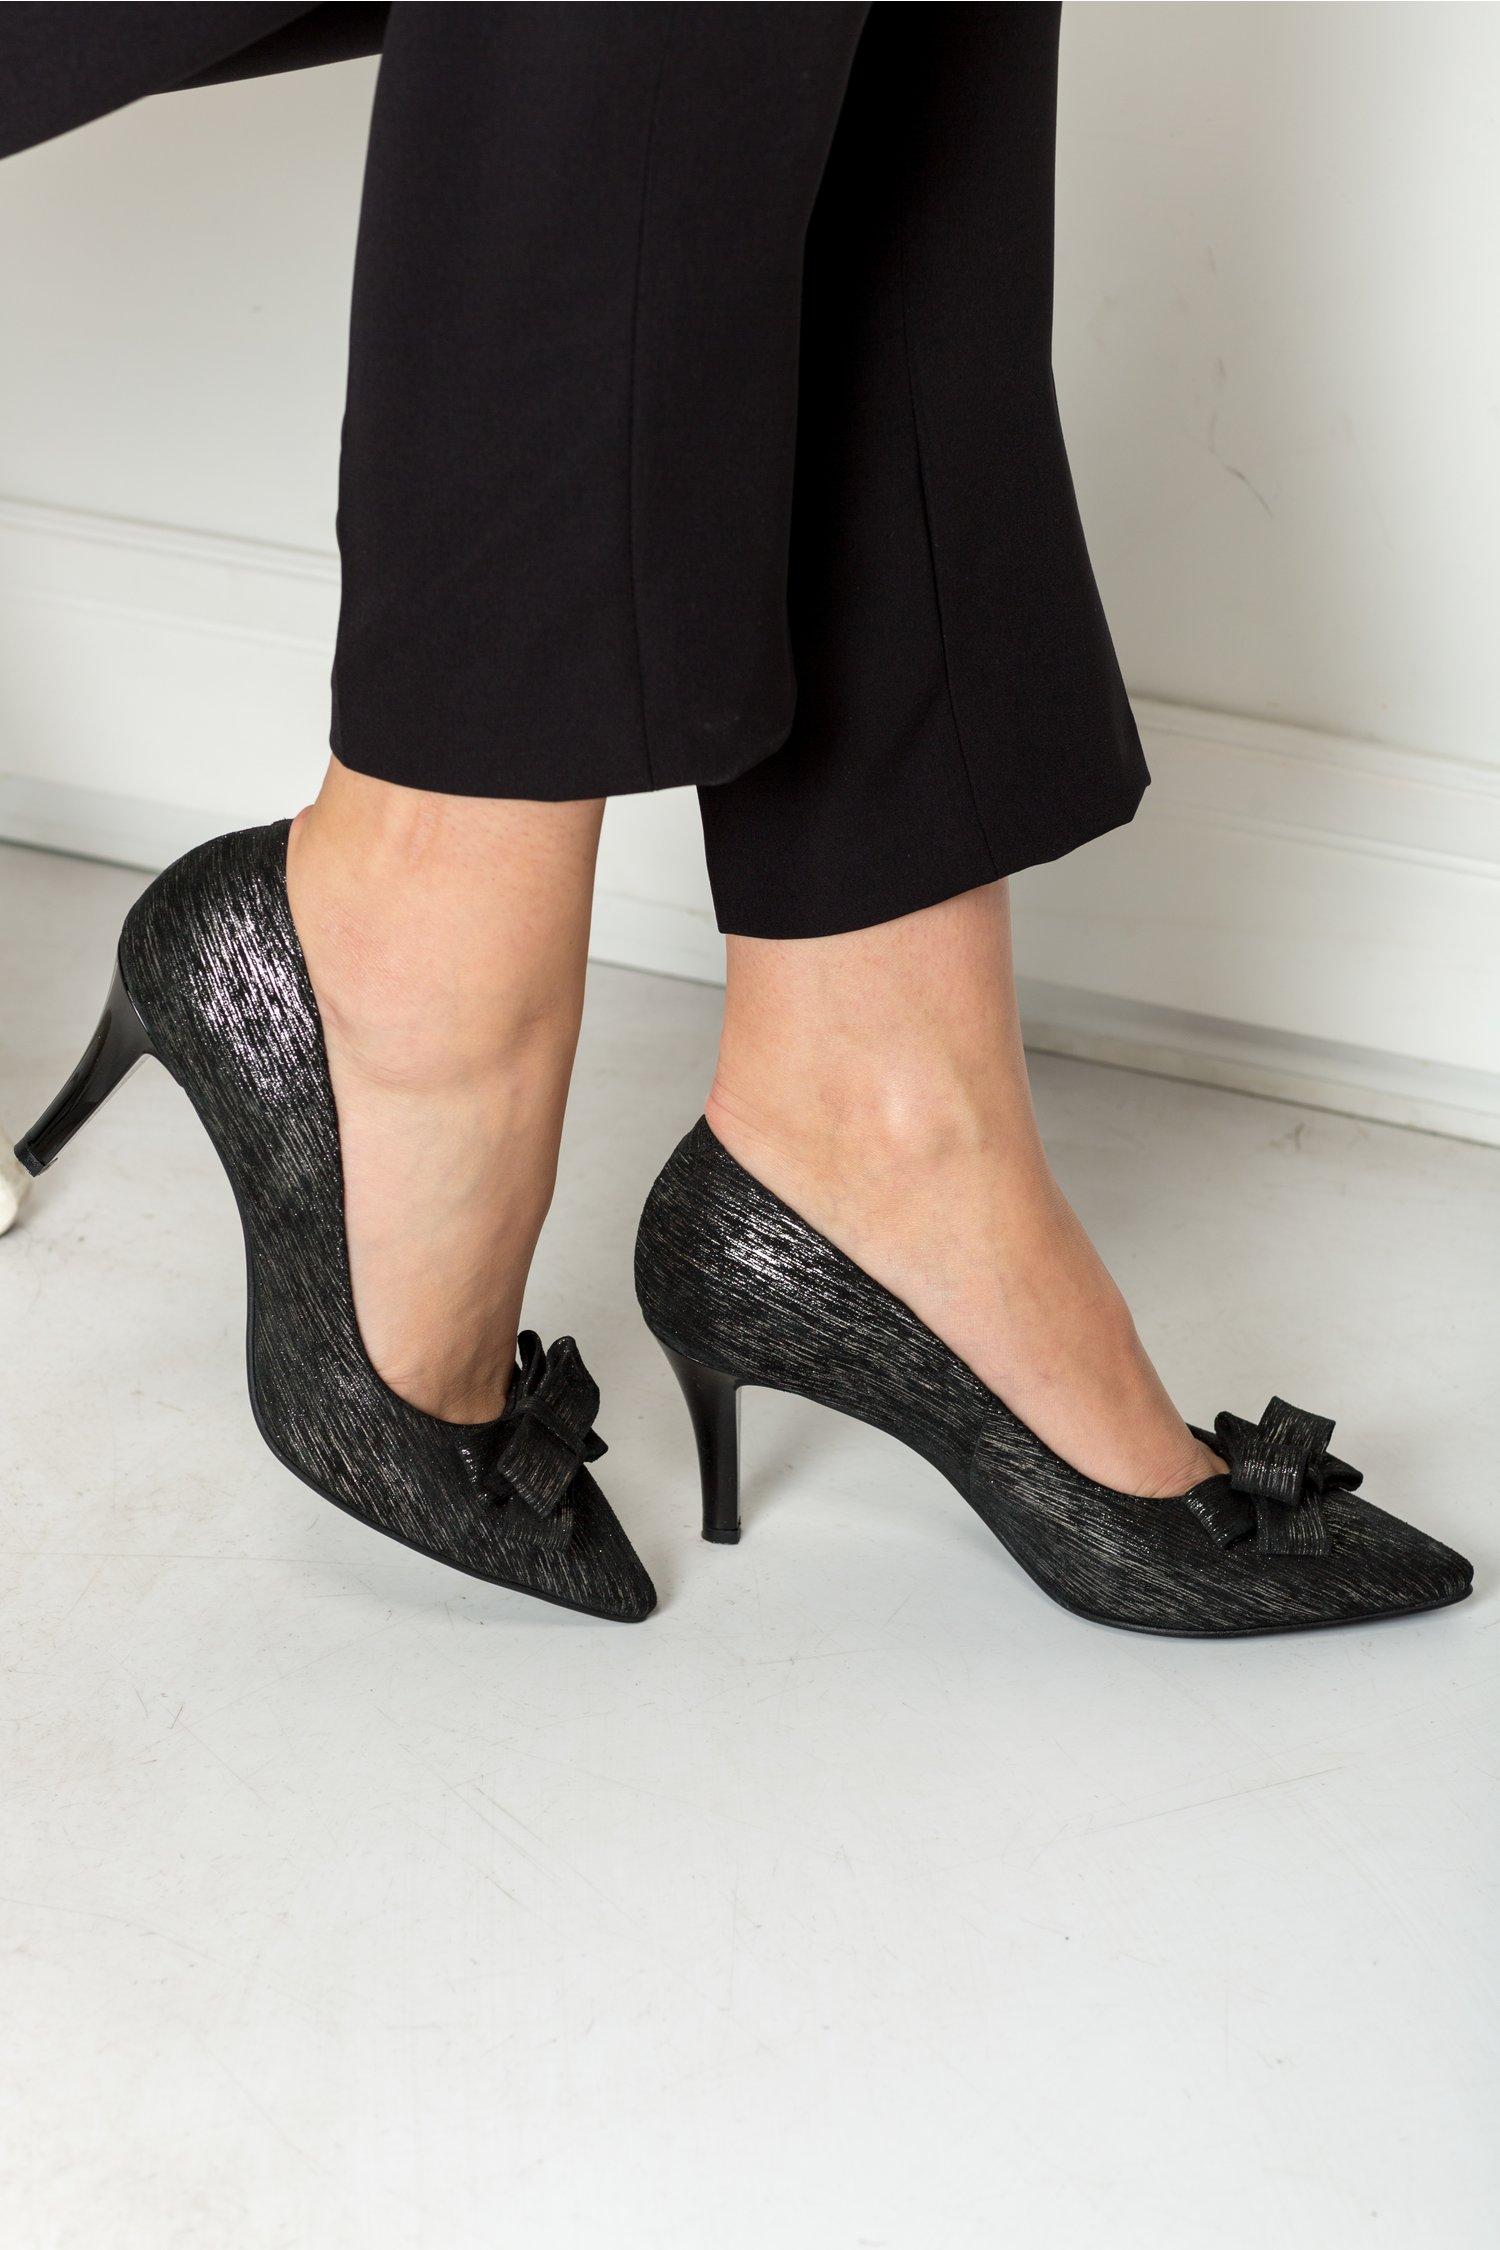 Pantofi stiletto negri cu funda si insertii aurii